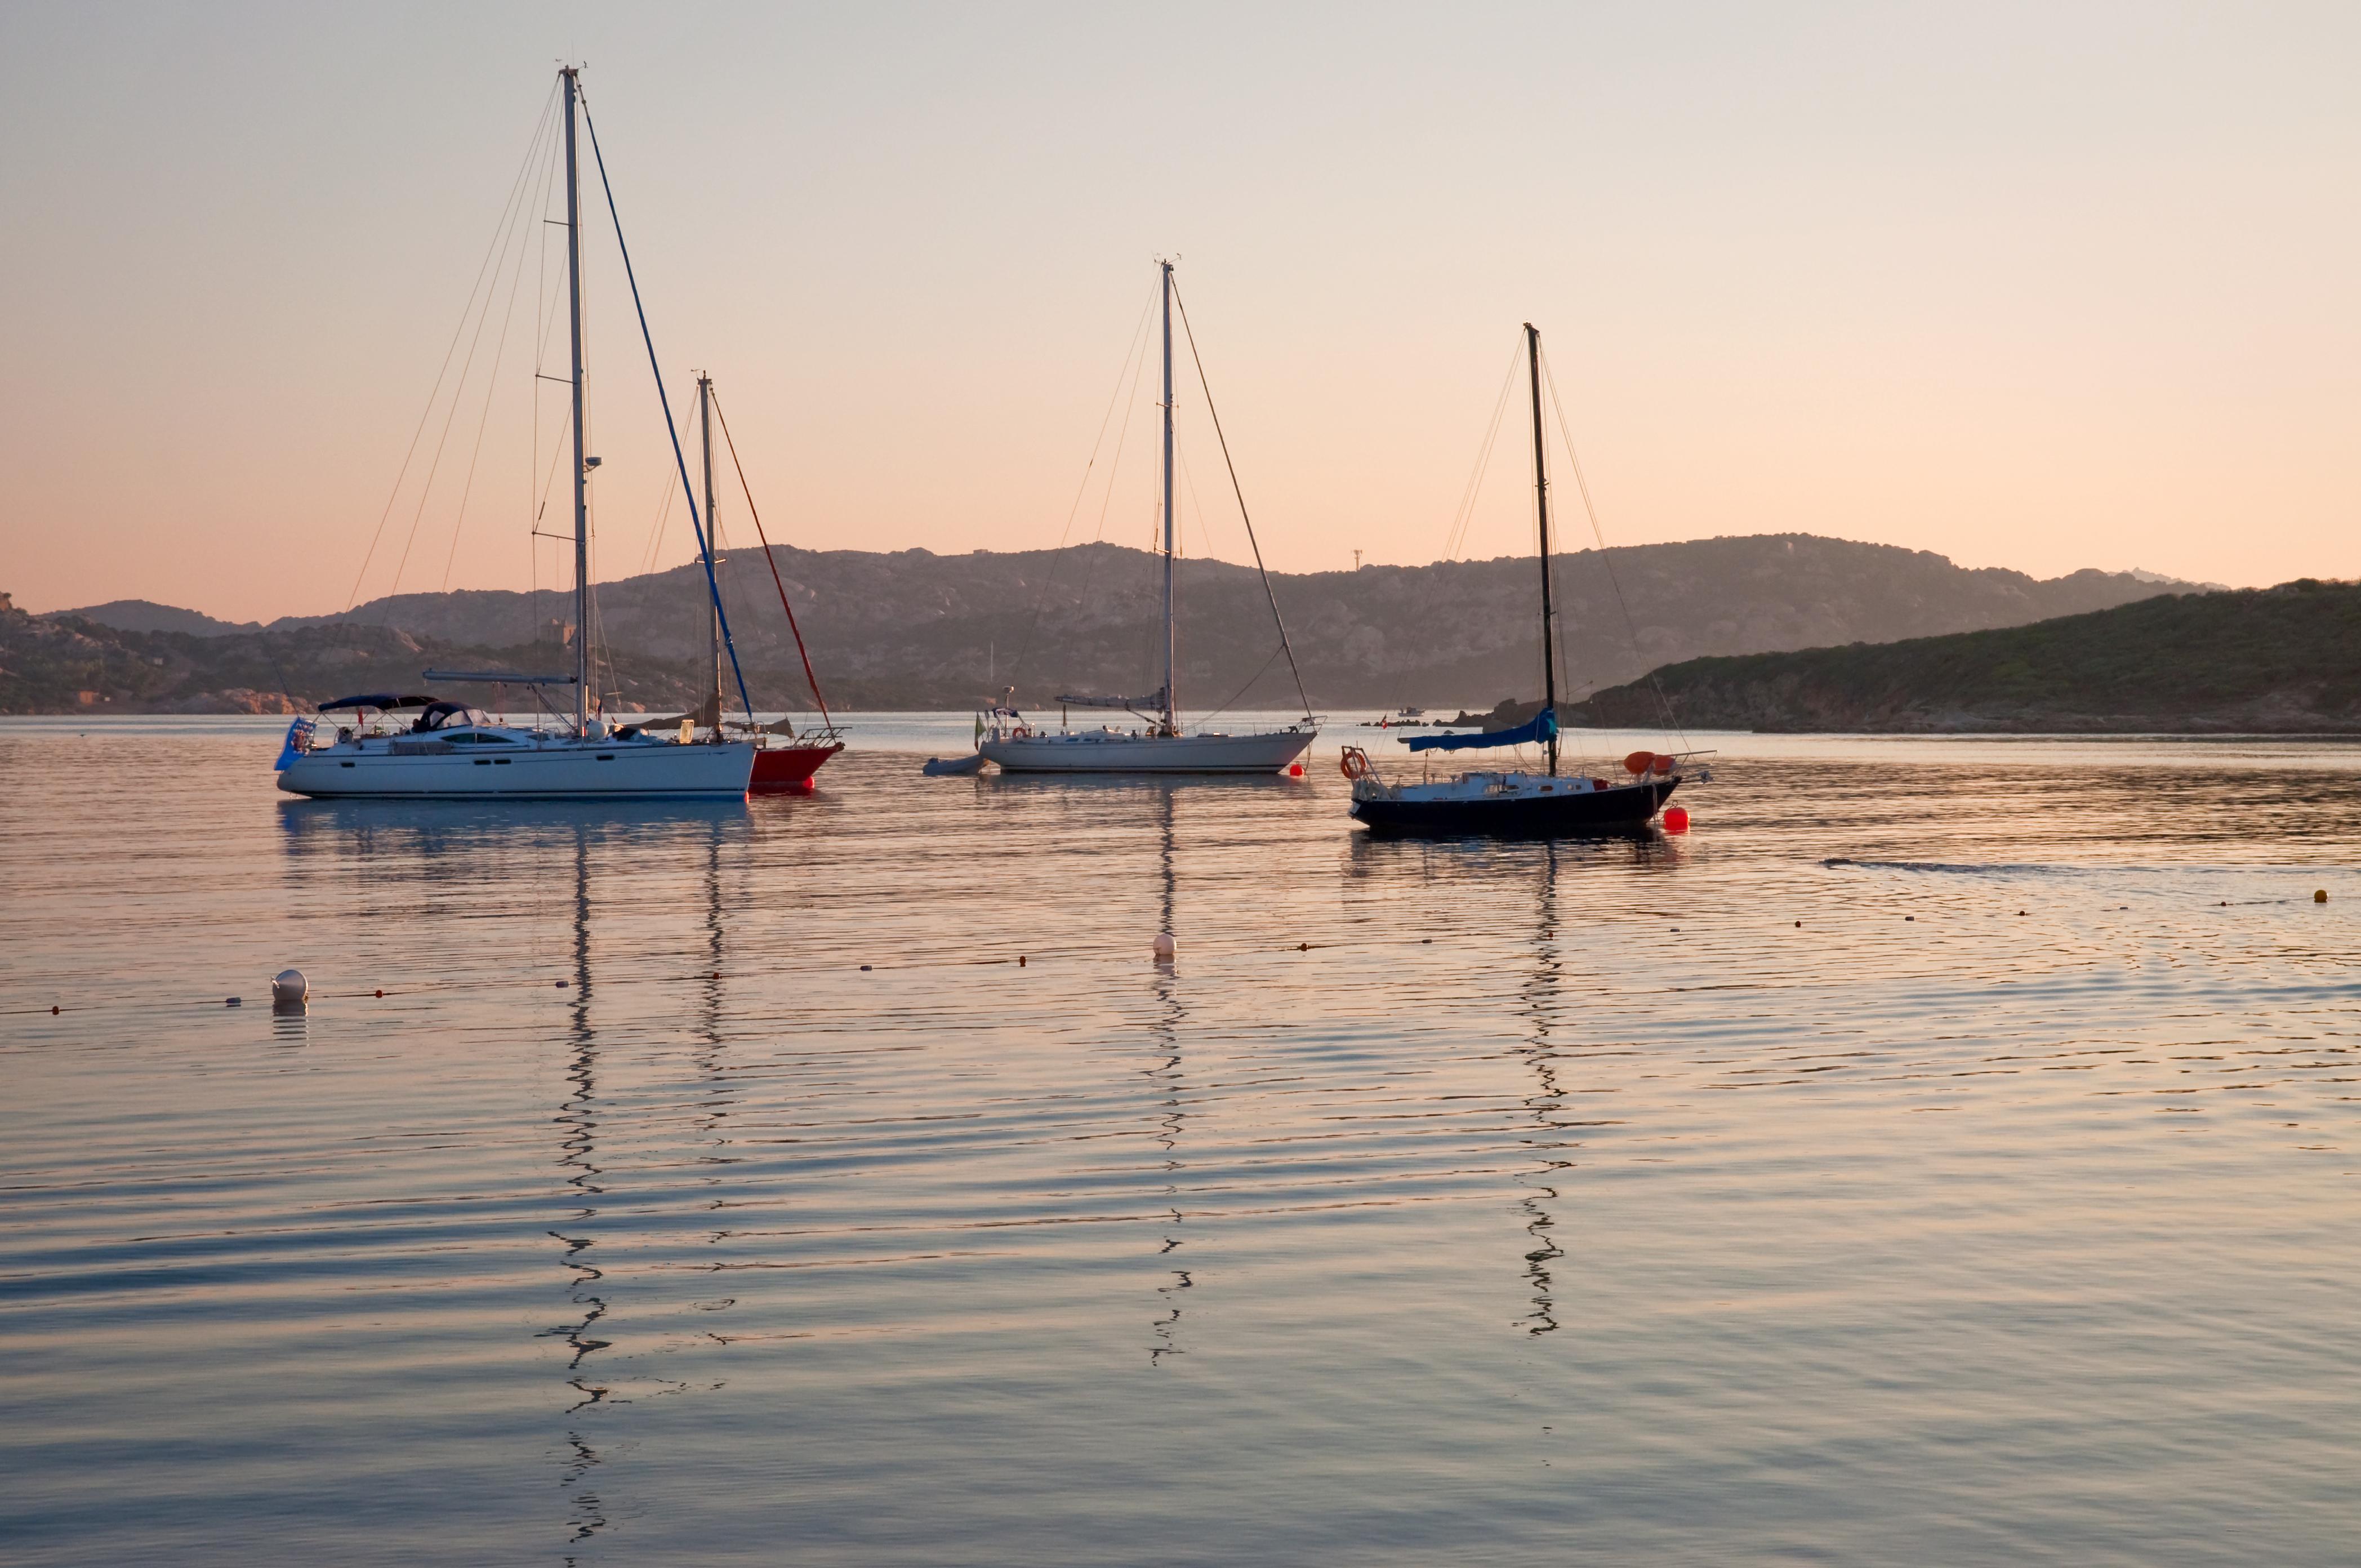 Yachts at dawn in beautiful Sardinia, Italy